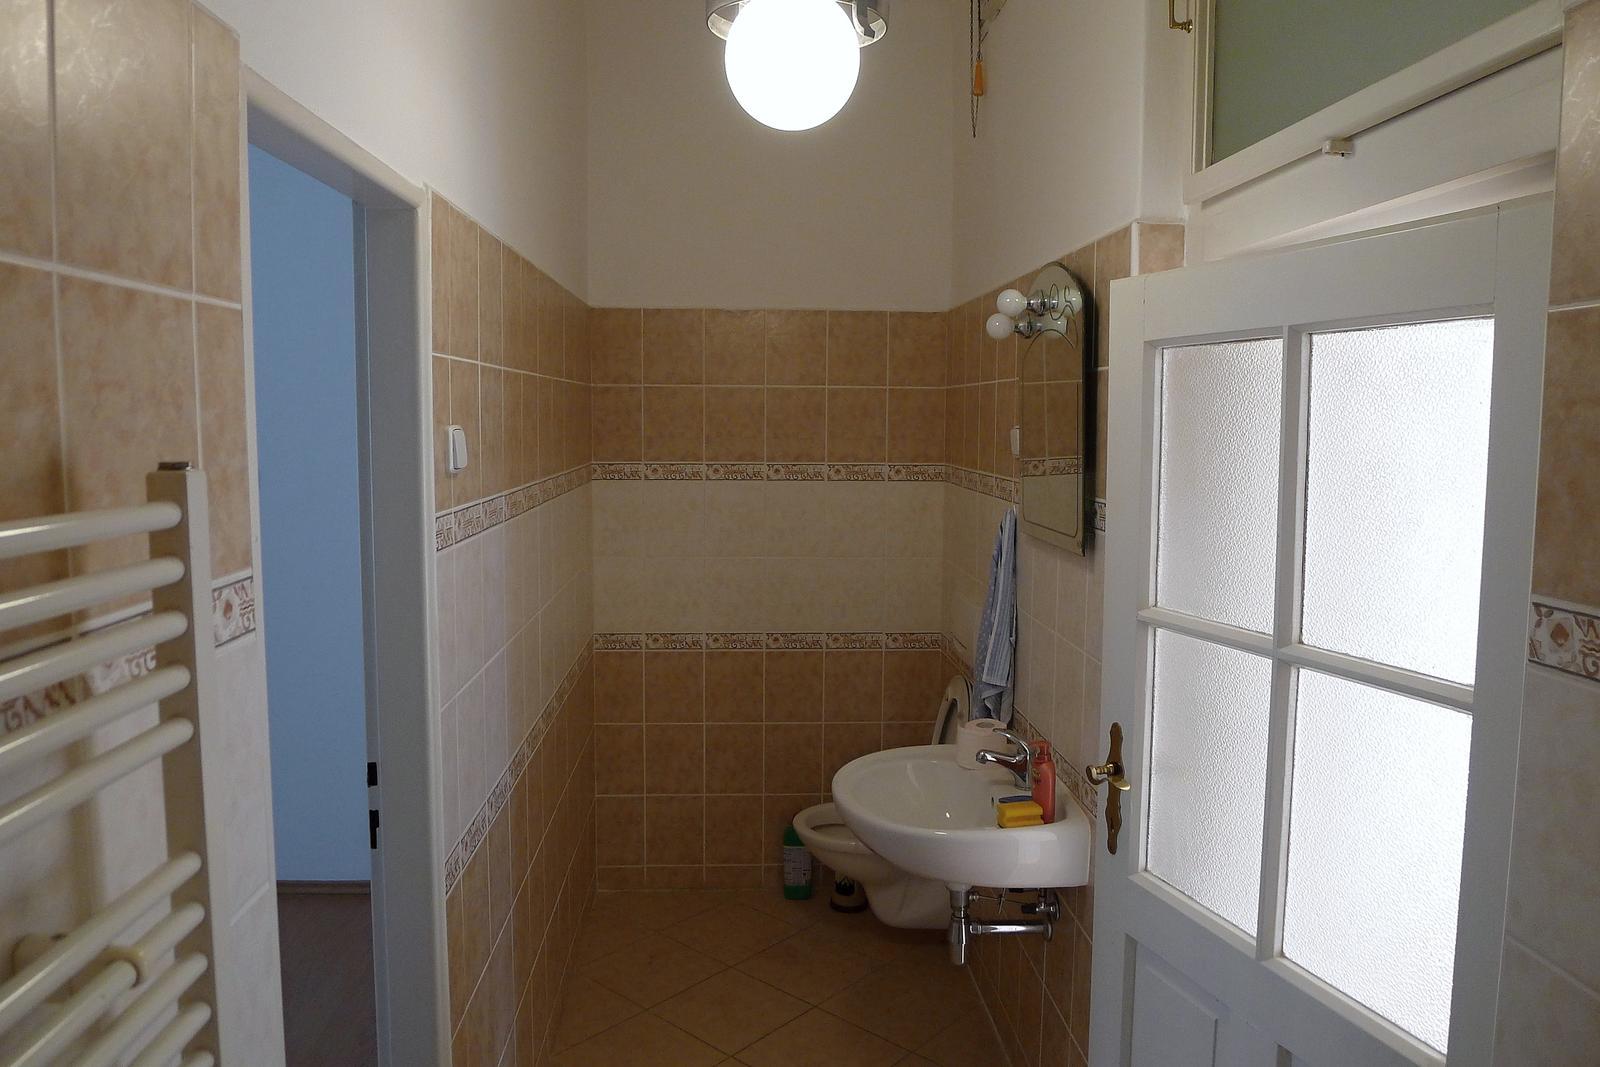 Rekonstrukce našeho domečku - původní koupelna a wc